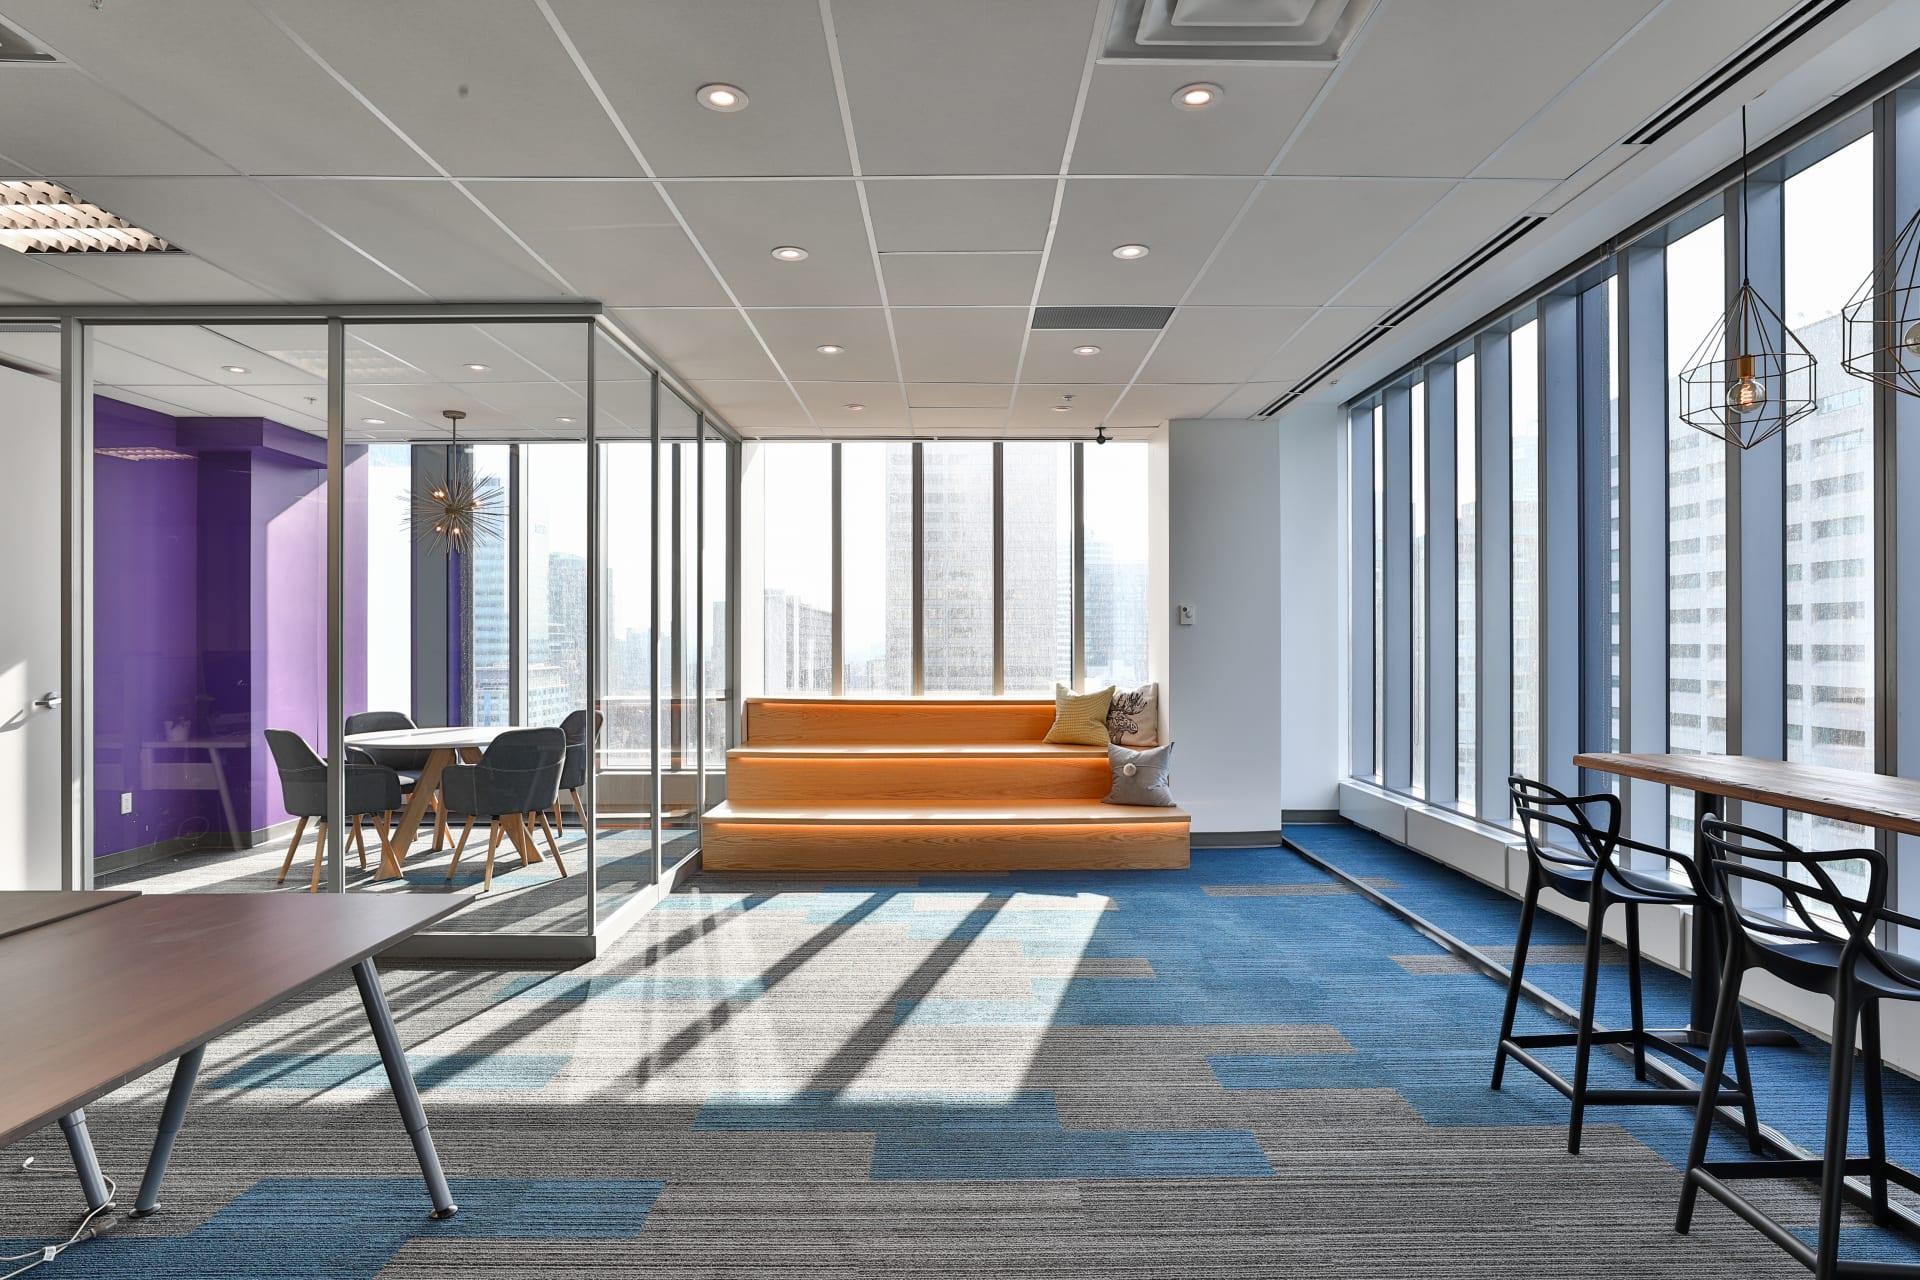 قد تكون المكاتب التقليدية شيئا من الماضي.. هكذا ستغير التكنولوجيا أماكن العمل بالمستقبل